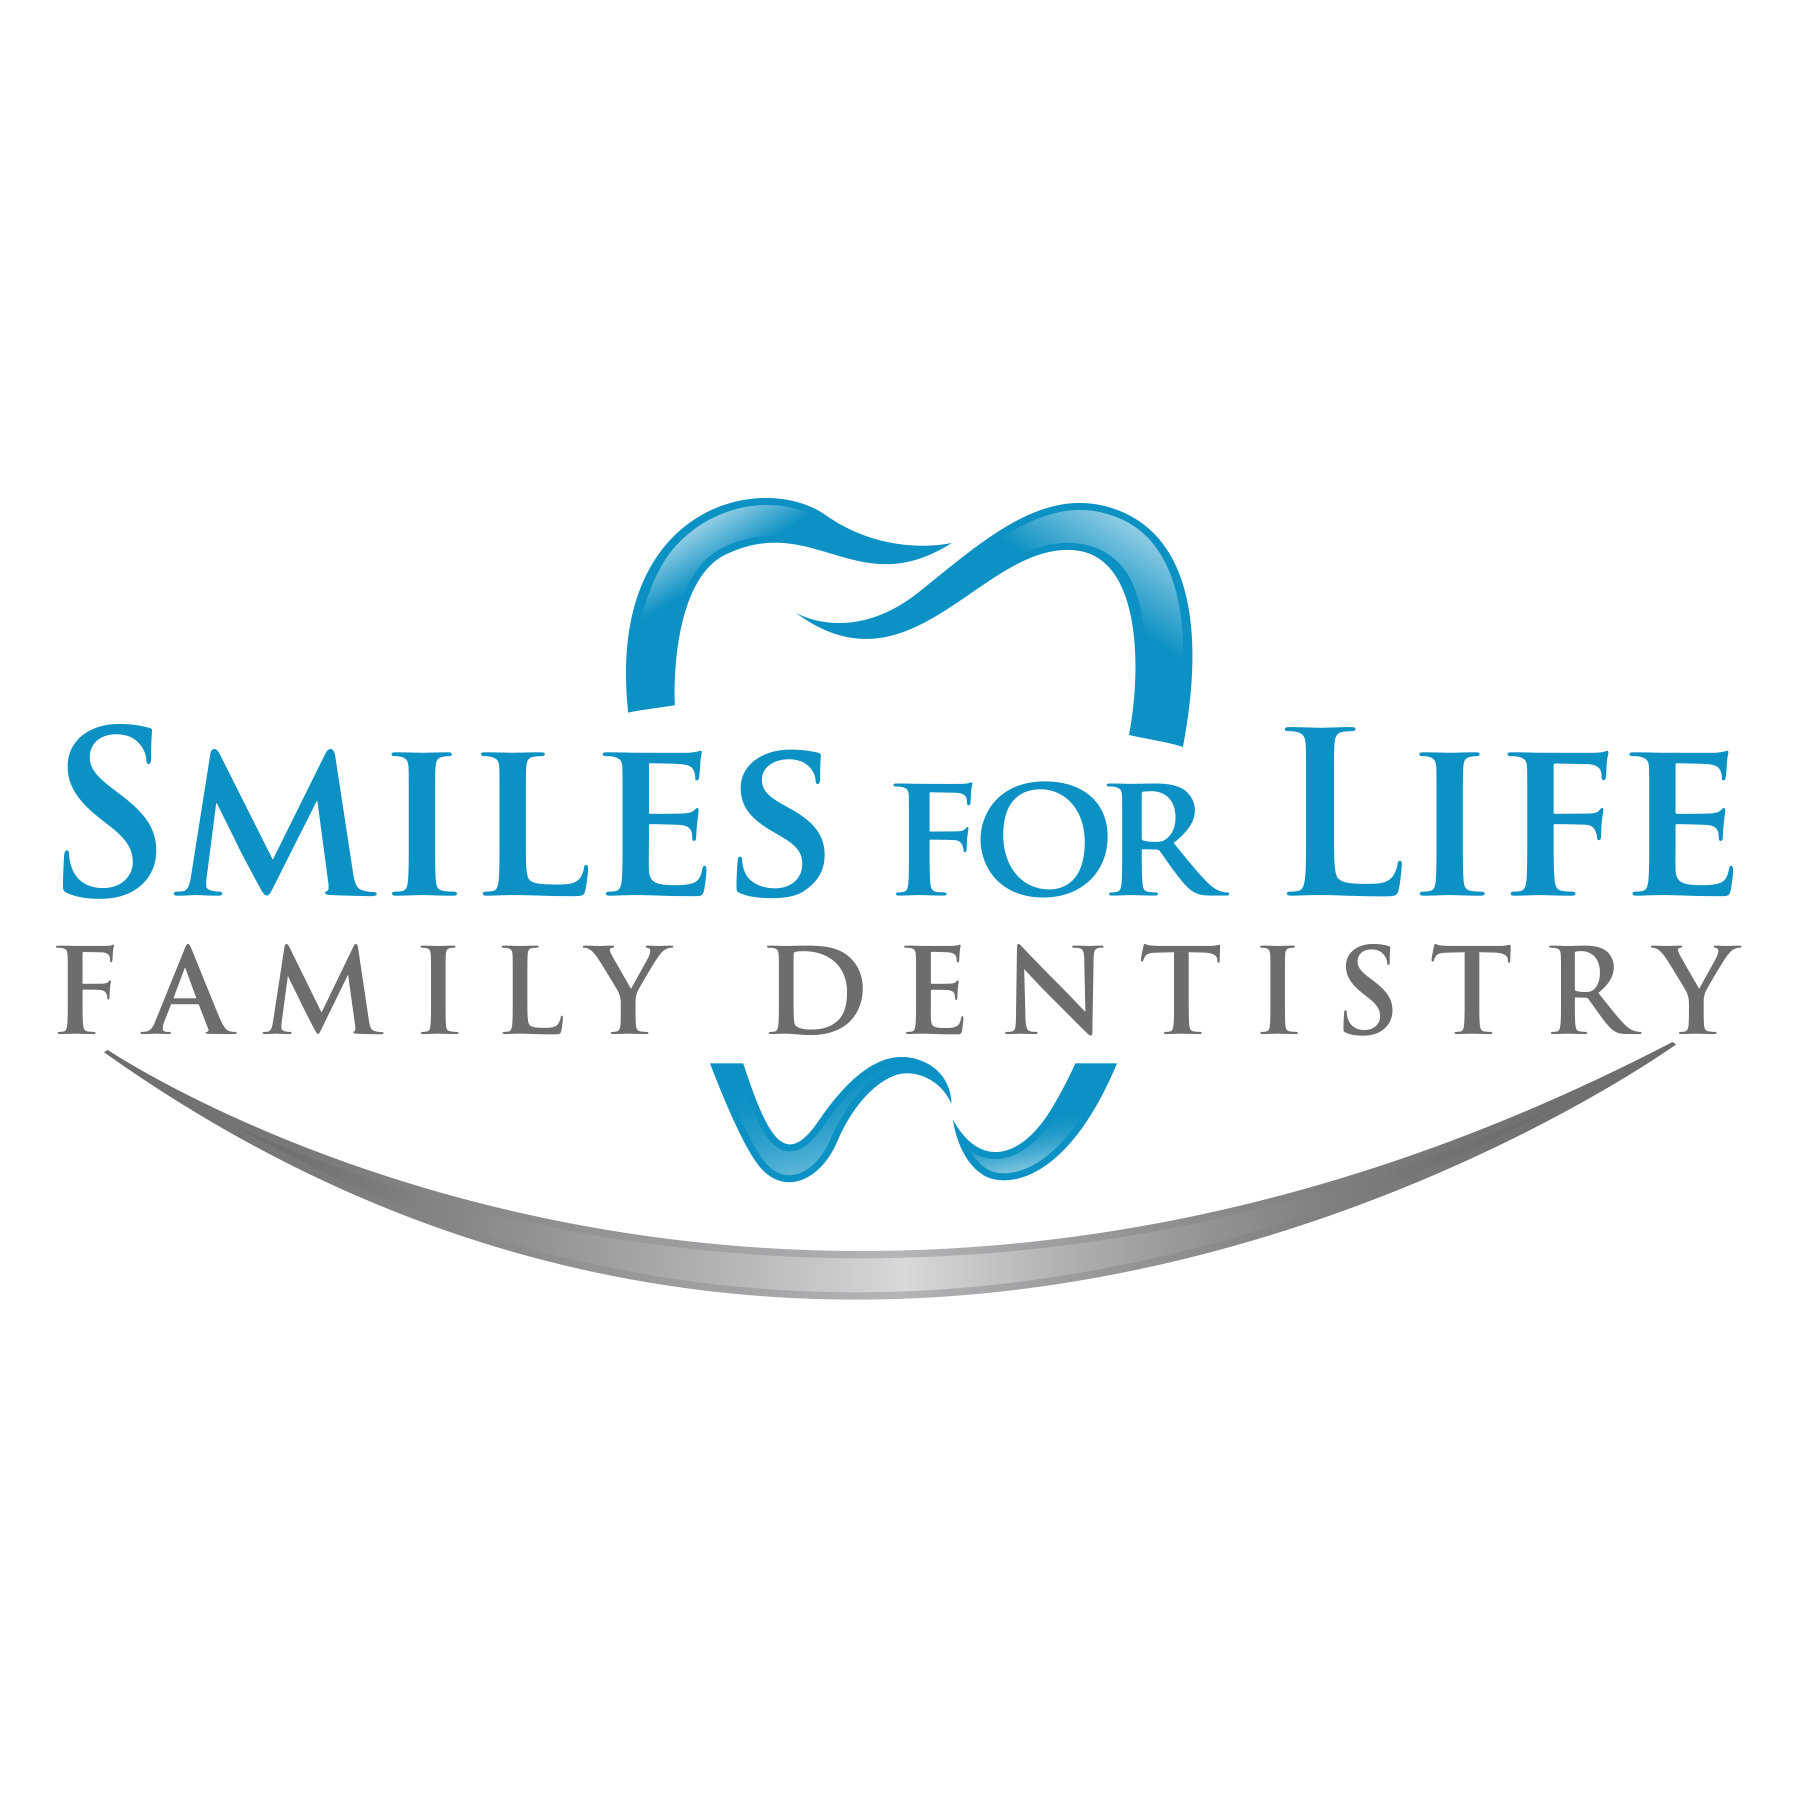 Smiles For Life Family Dentistry